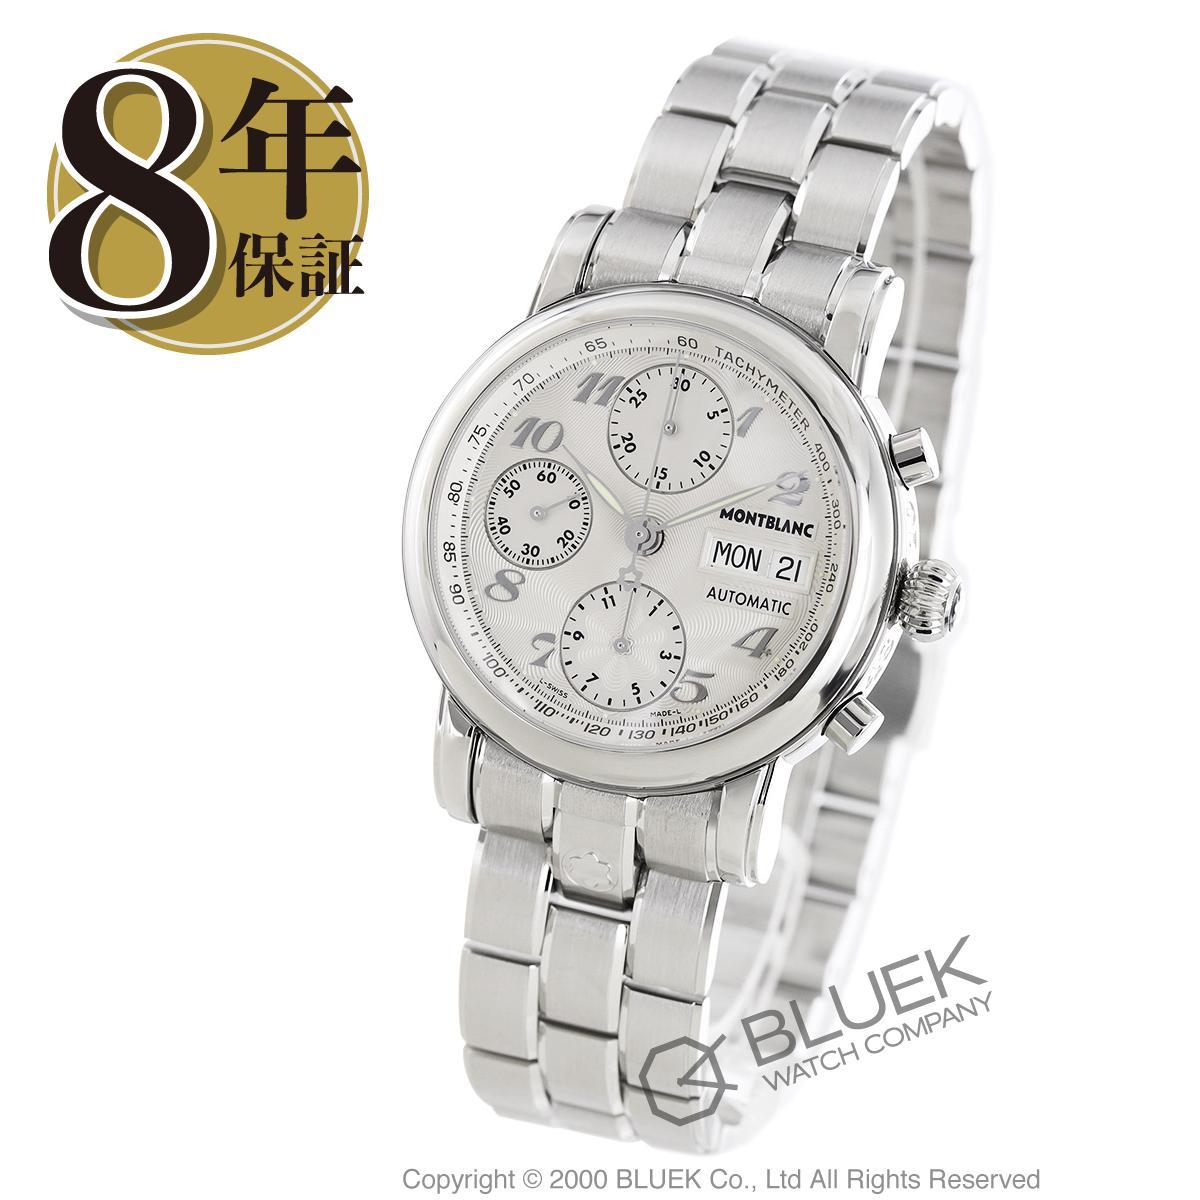 【最大3万円割引クーポン 11/01~】モンブラン スター クロノグラフ 腕時計 メンズ MONTBLANC 5222_8